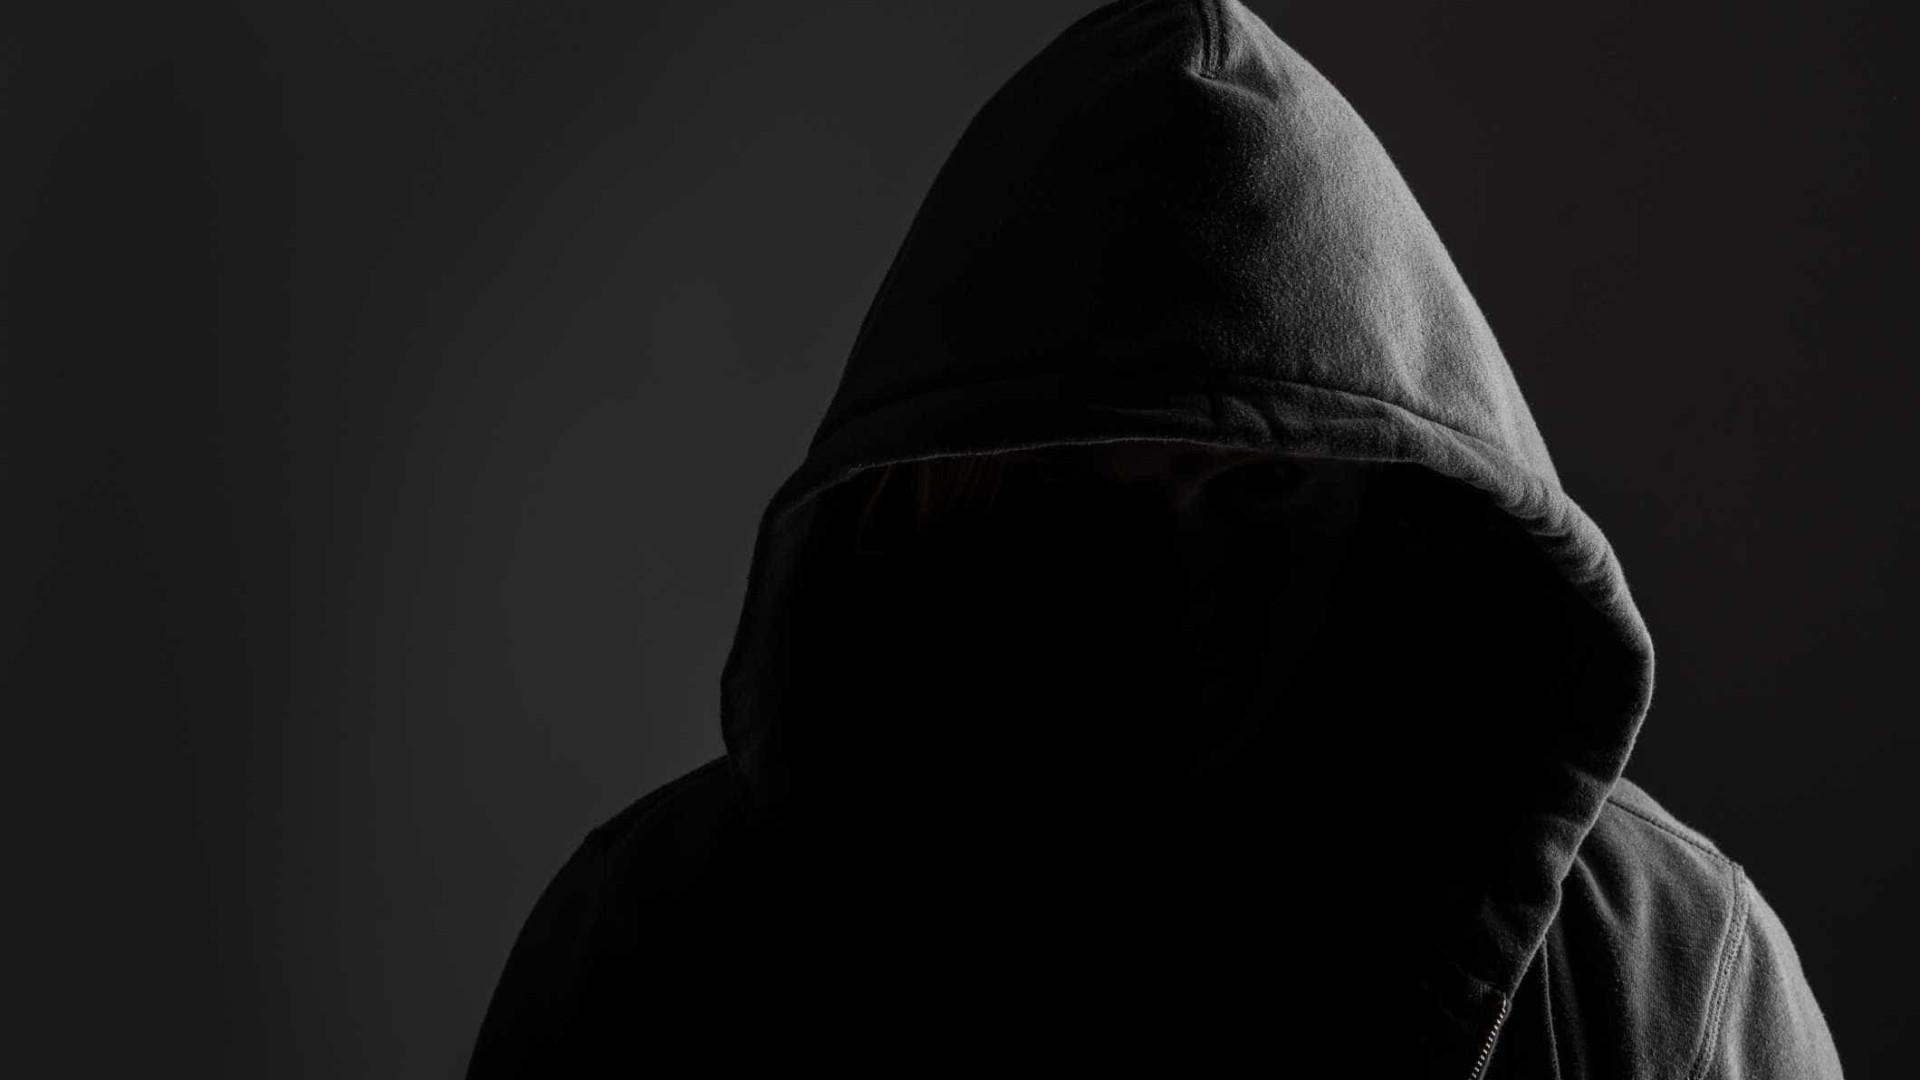 PSP deteve suspeitos de vaga de roubos a jovens com violência em Lisboa